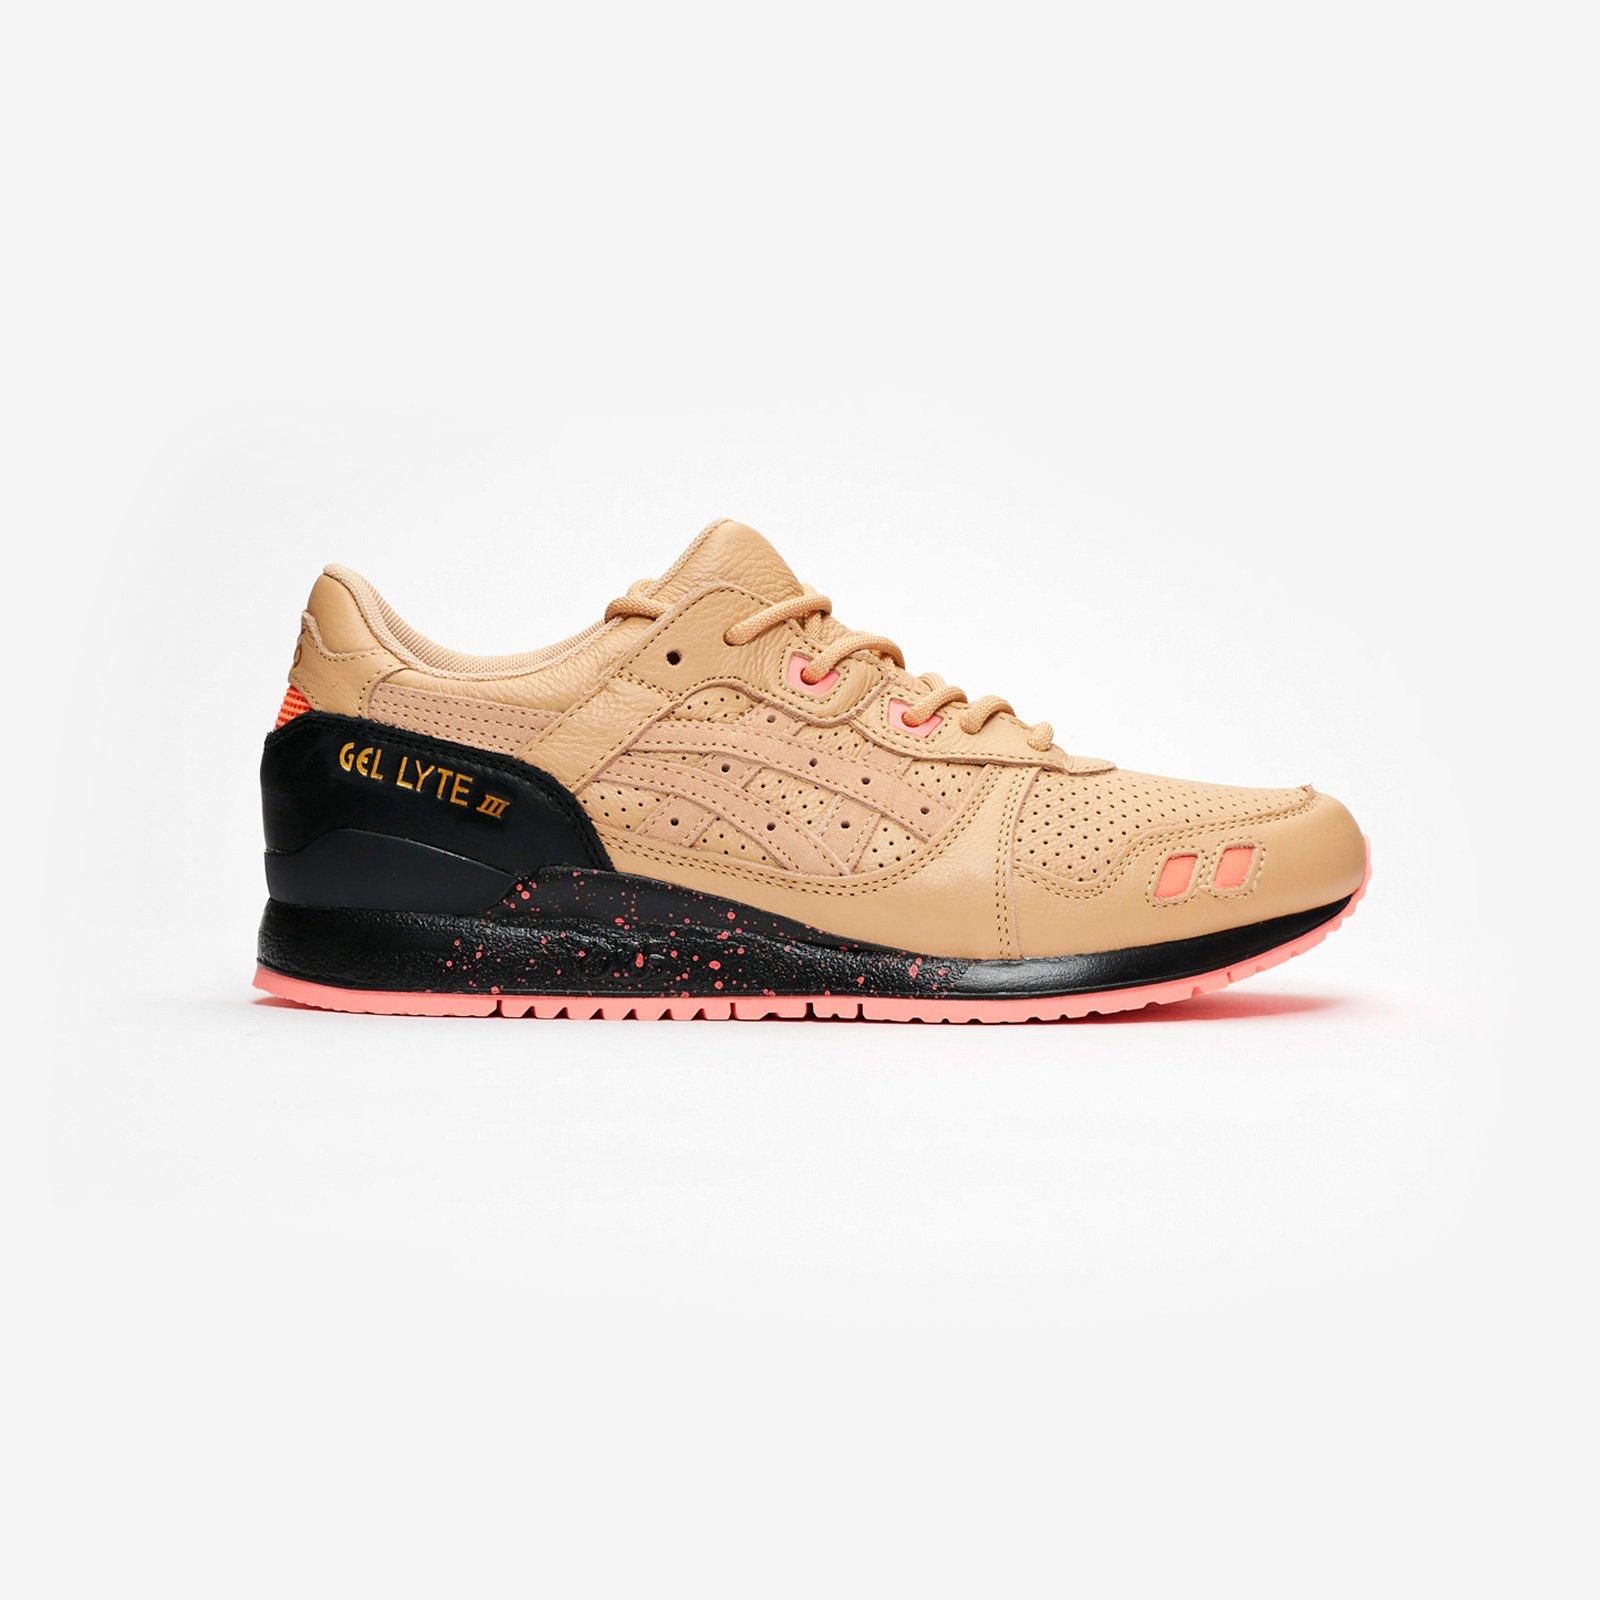 asics x sneaker freaker gel lyte iii 1191a009 201